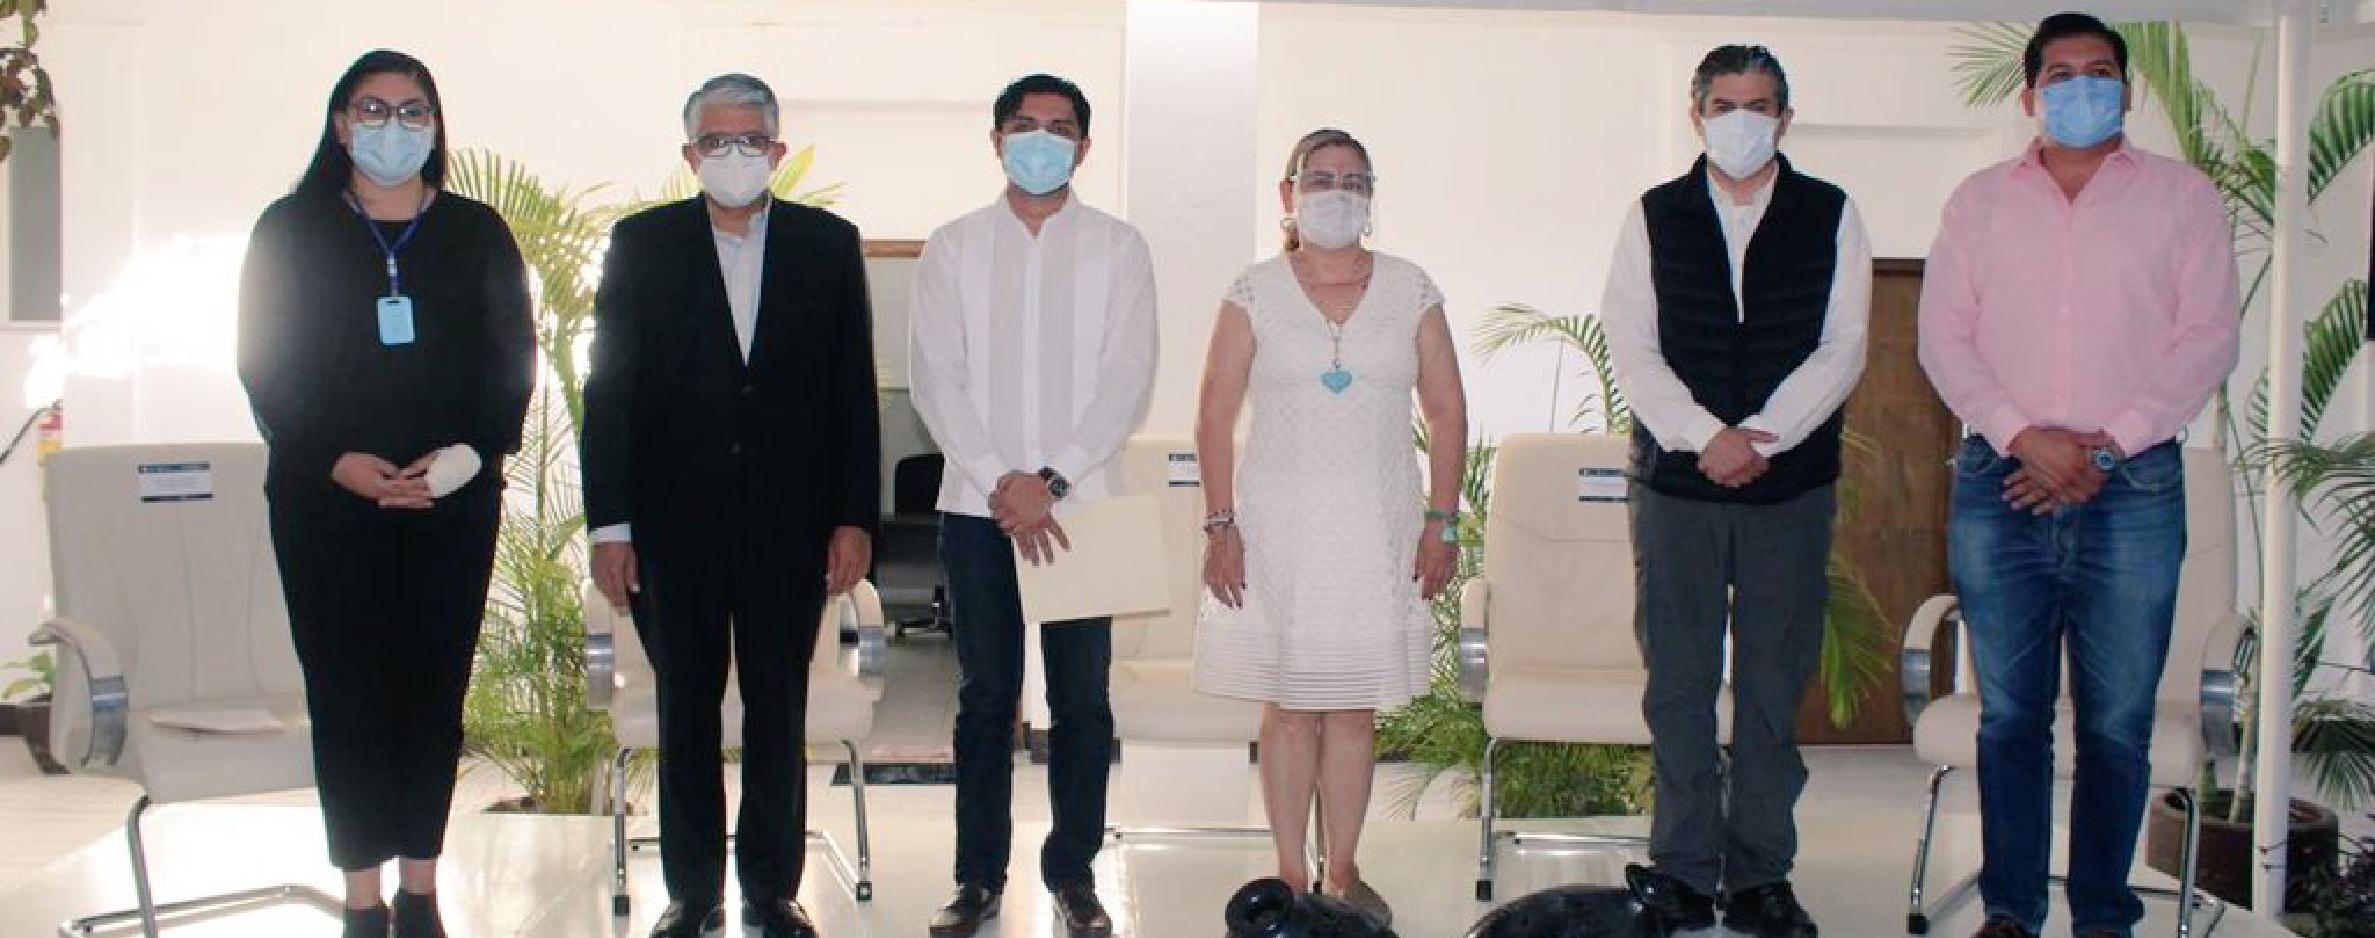 Presenta SSO y IAIP microsito de vacunación contra el COVID-19 en Oaxaca.